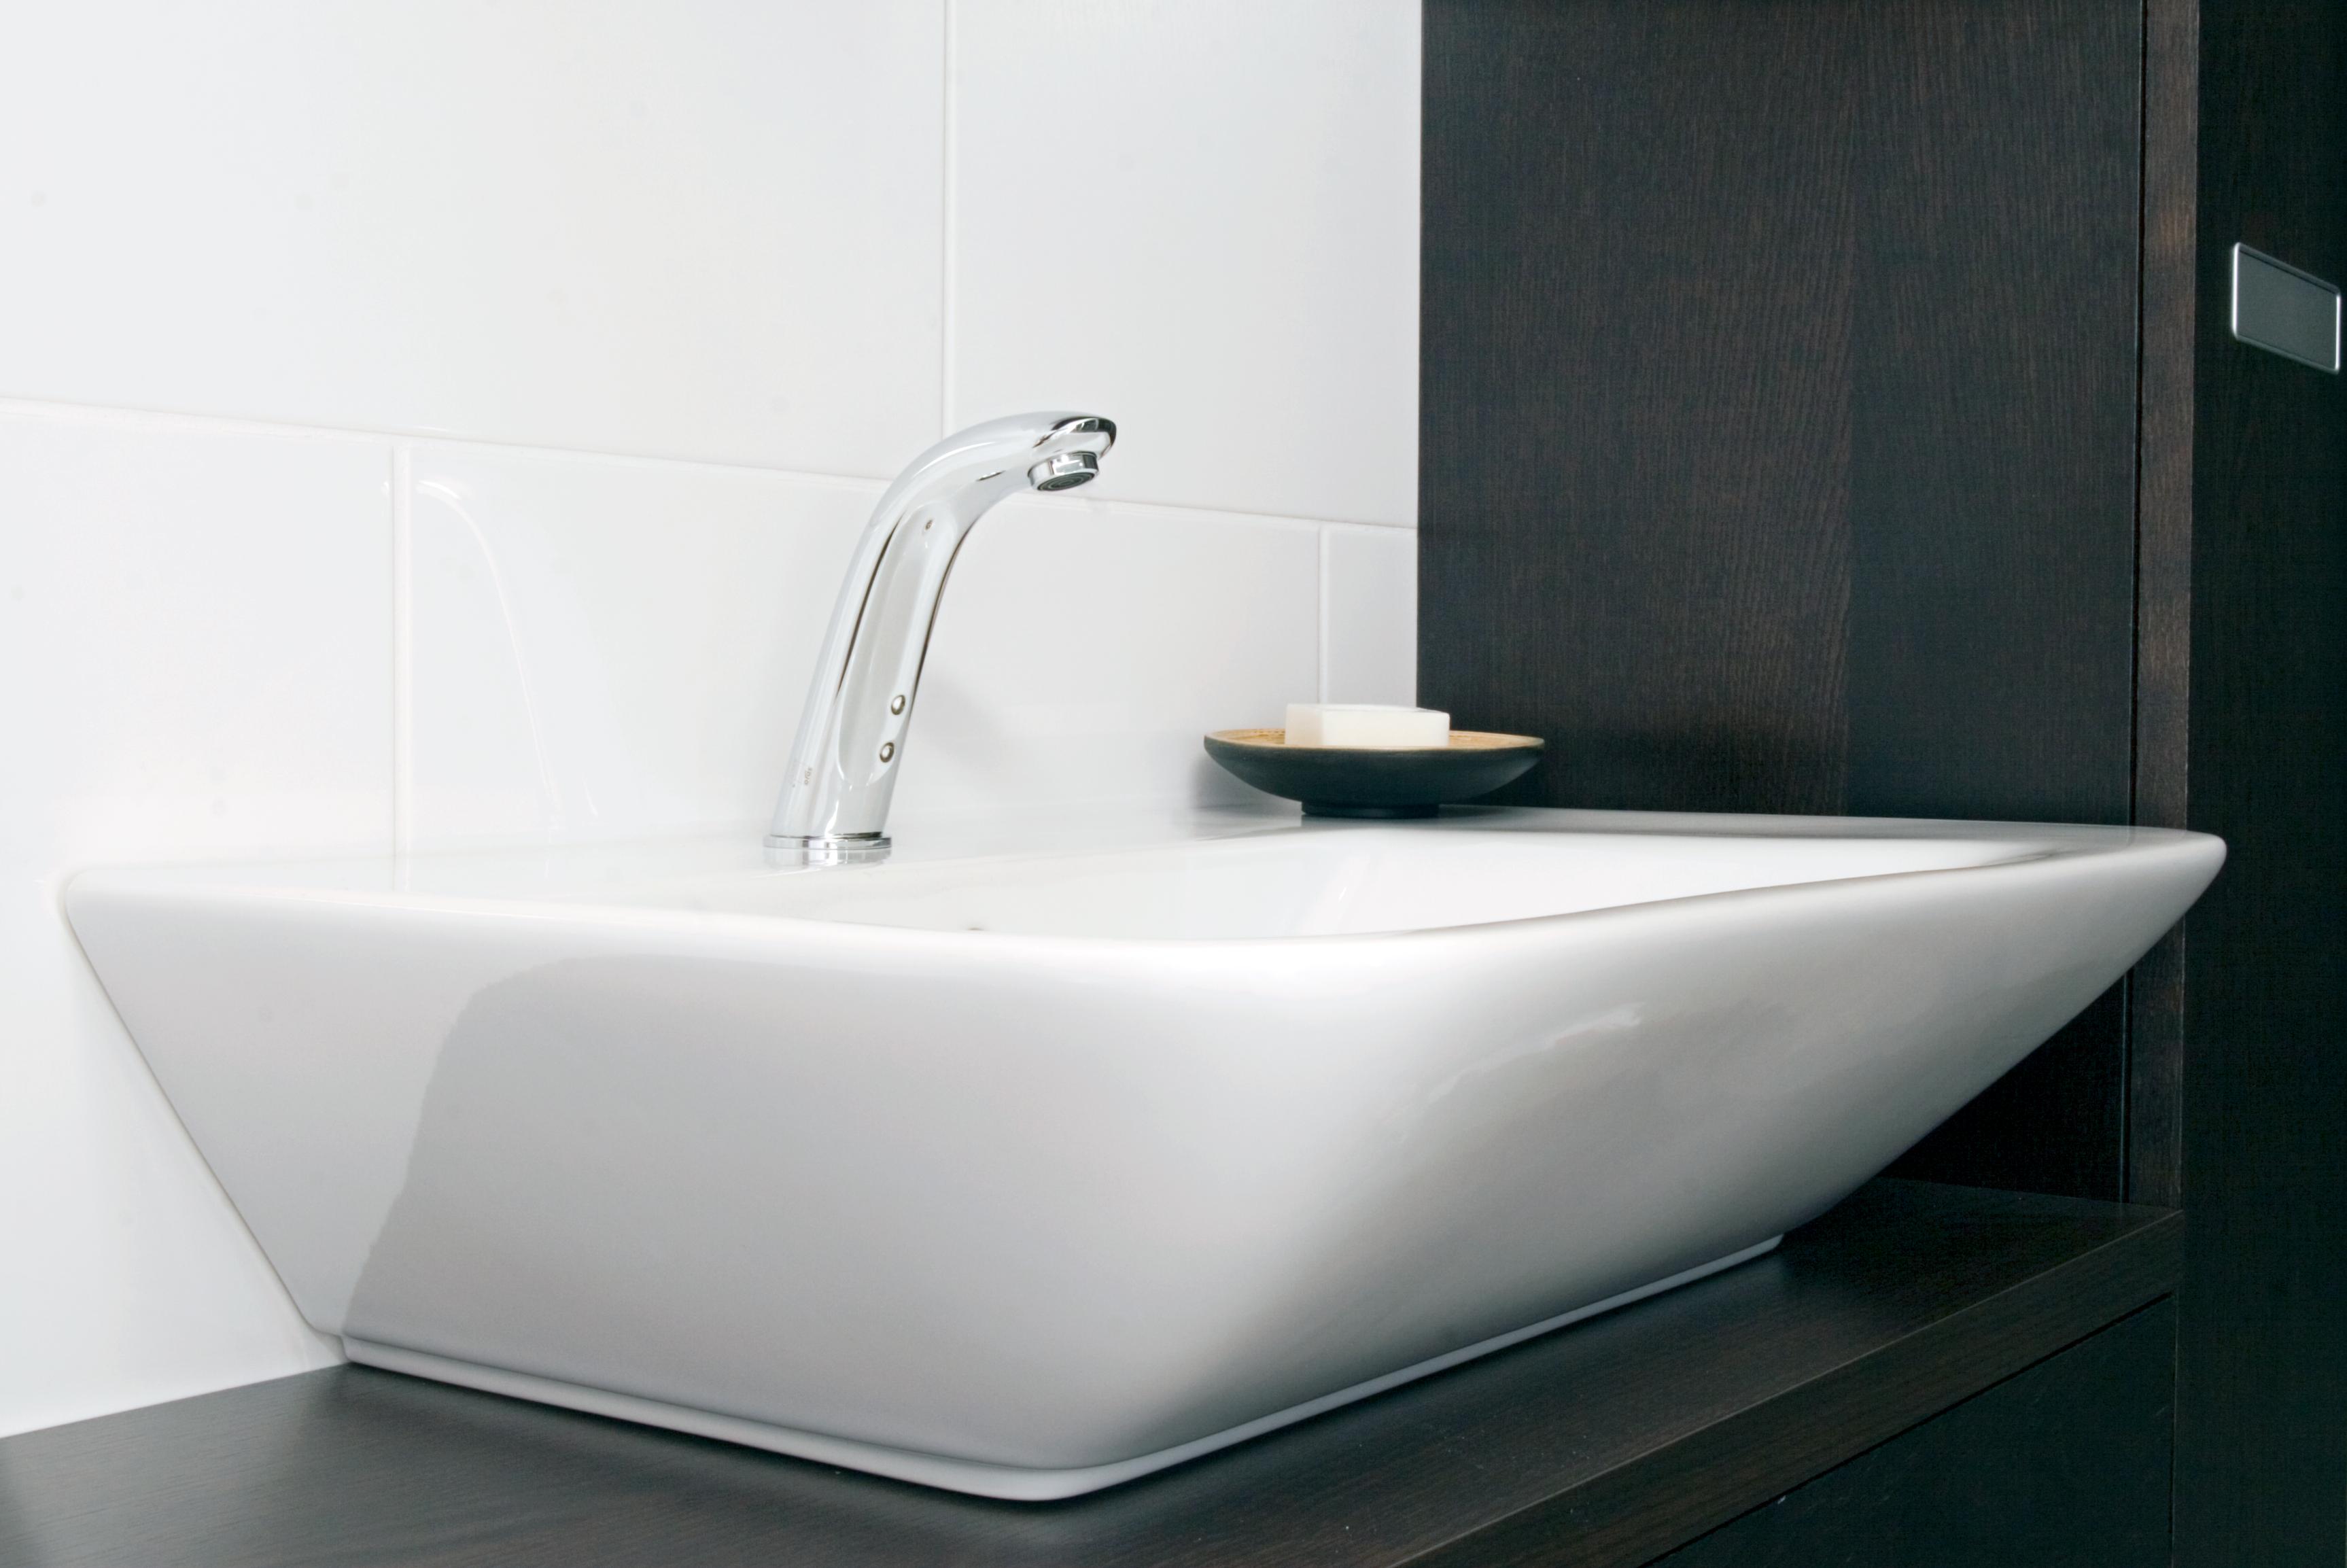 LA CUCINA ALESSI by Oras 8527 Washbasin faucet, 6 V | Oras